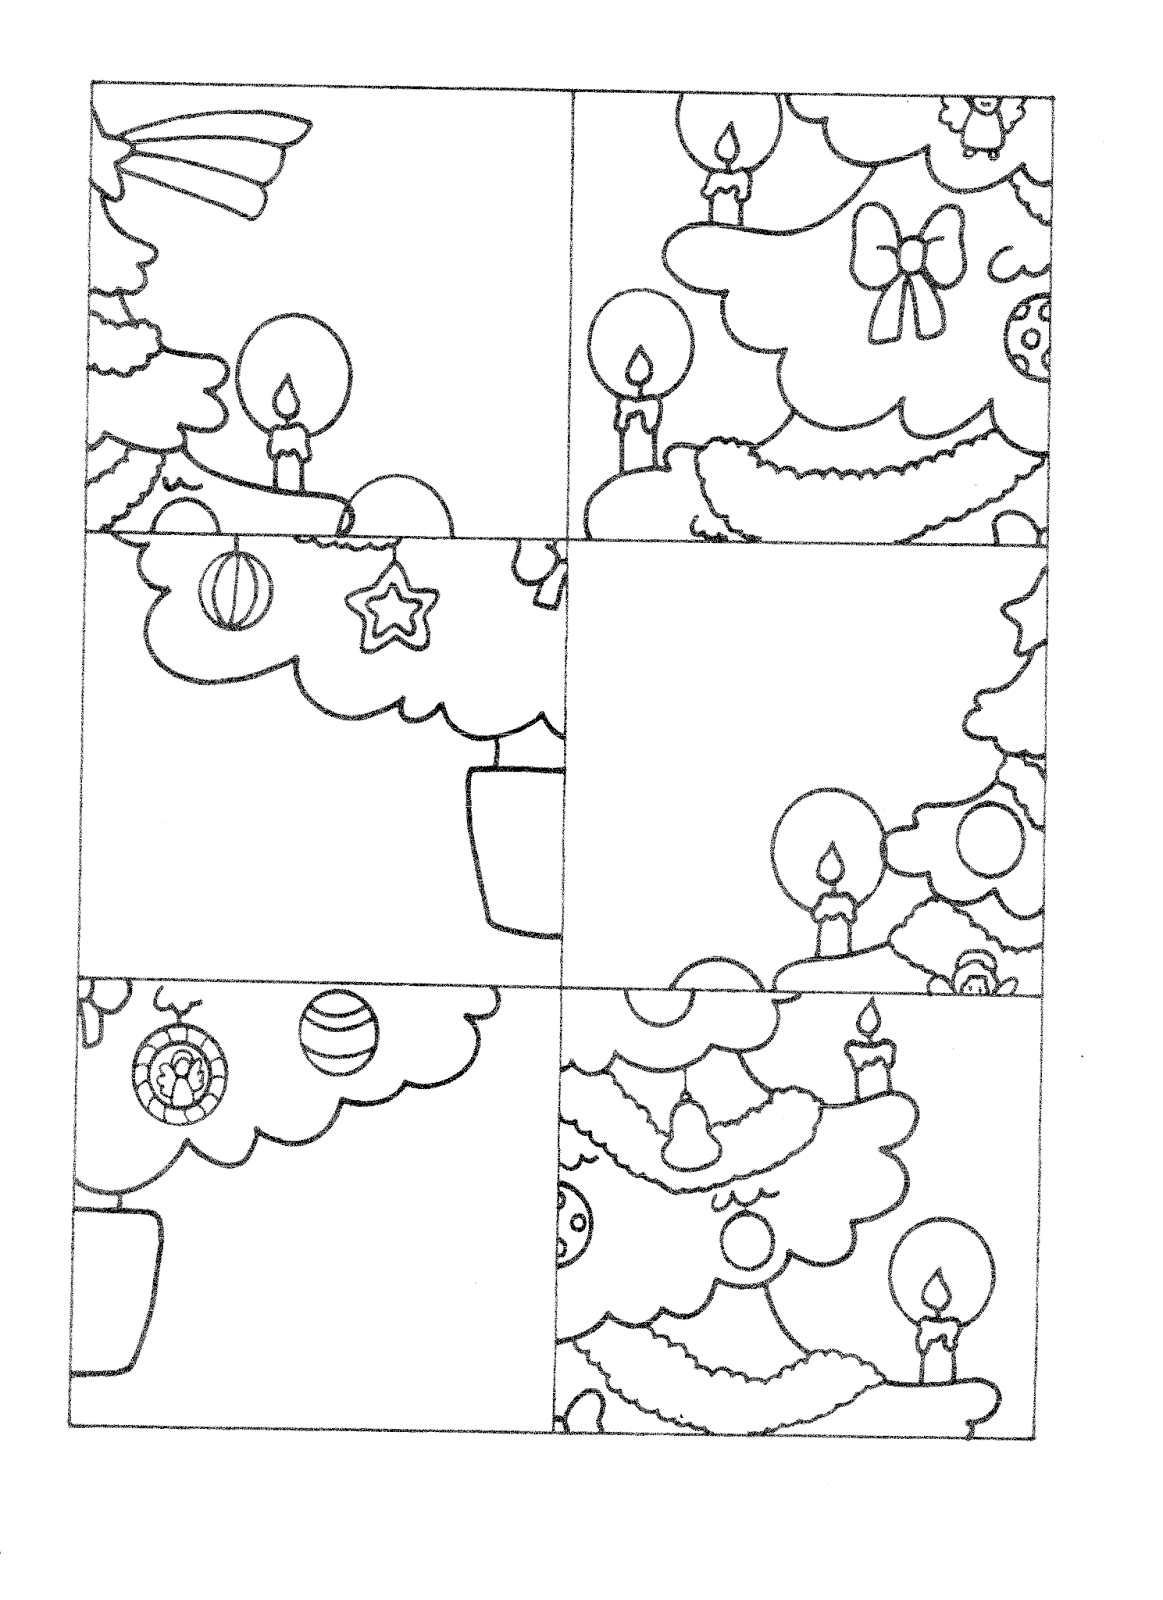 la maestra linda schede natale da colorare l 39 albero